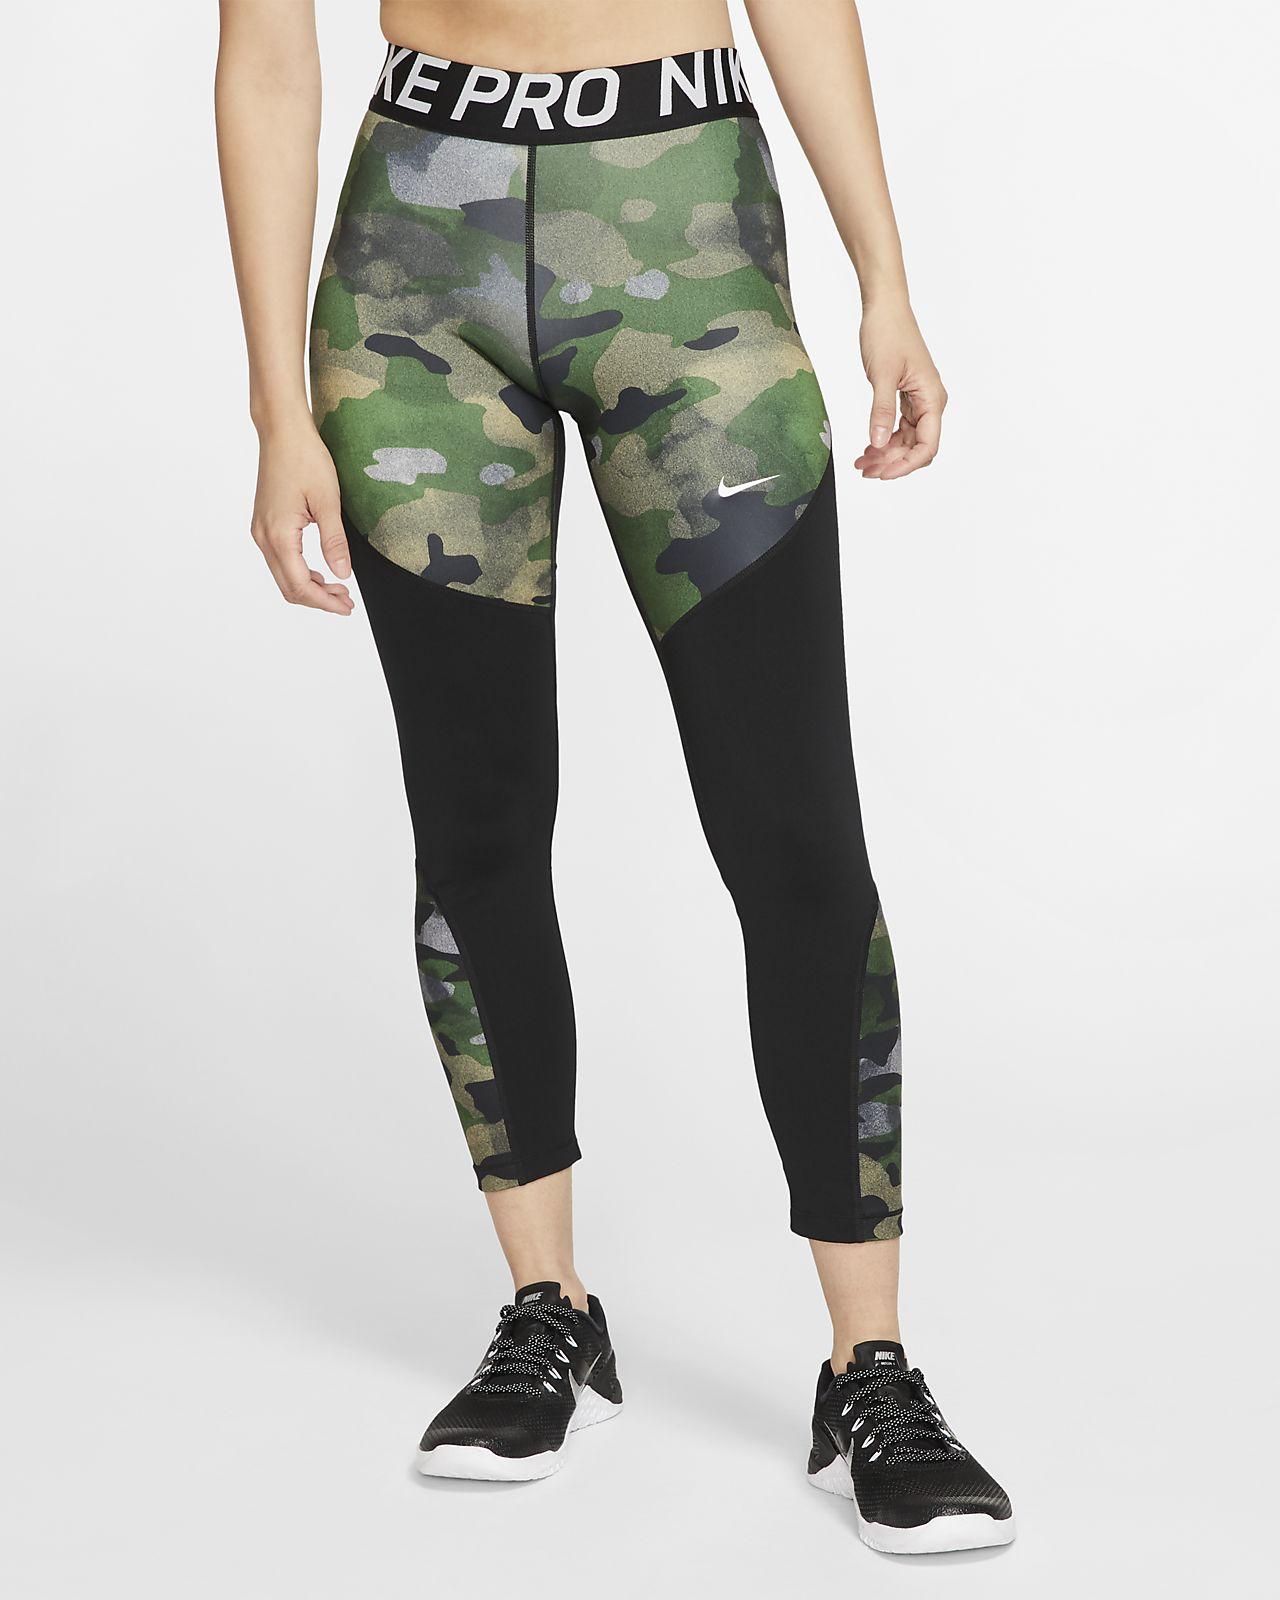 Mallas con estampado de camuflaje de 7/8 para mujer Nike Pro Icon Clash